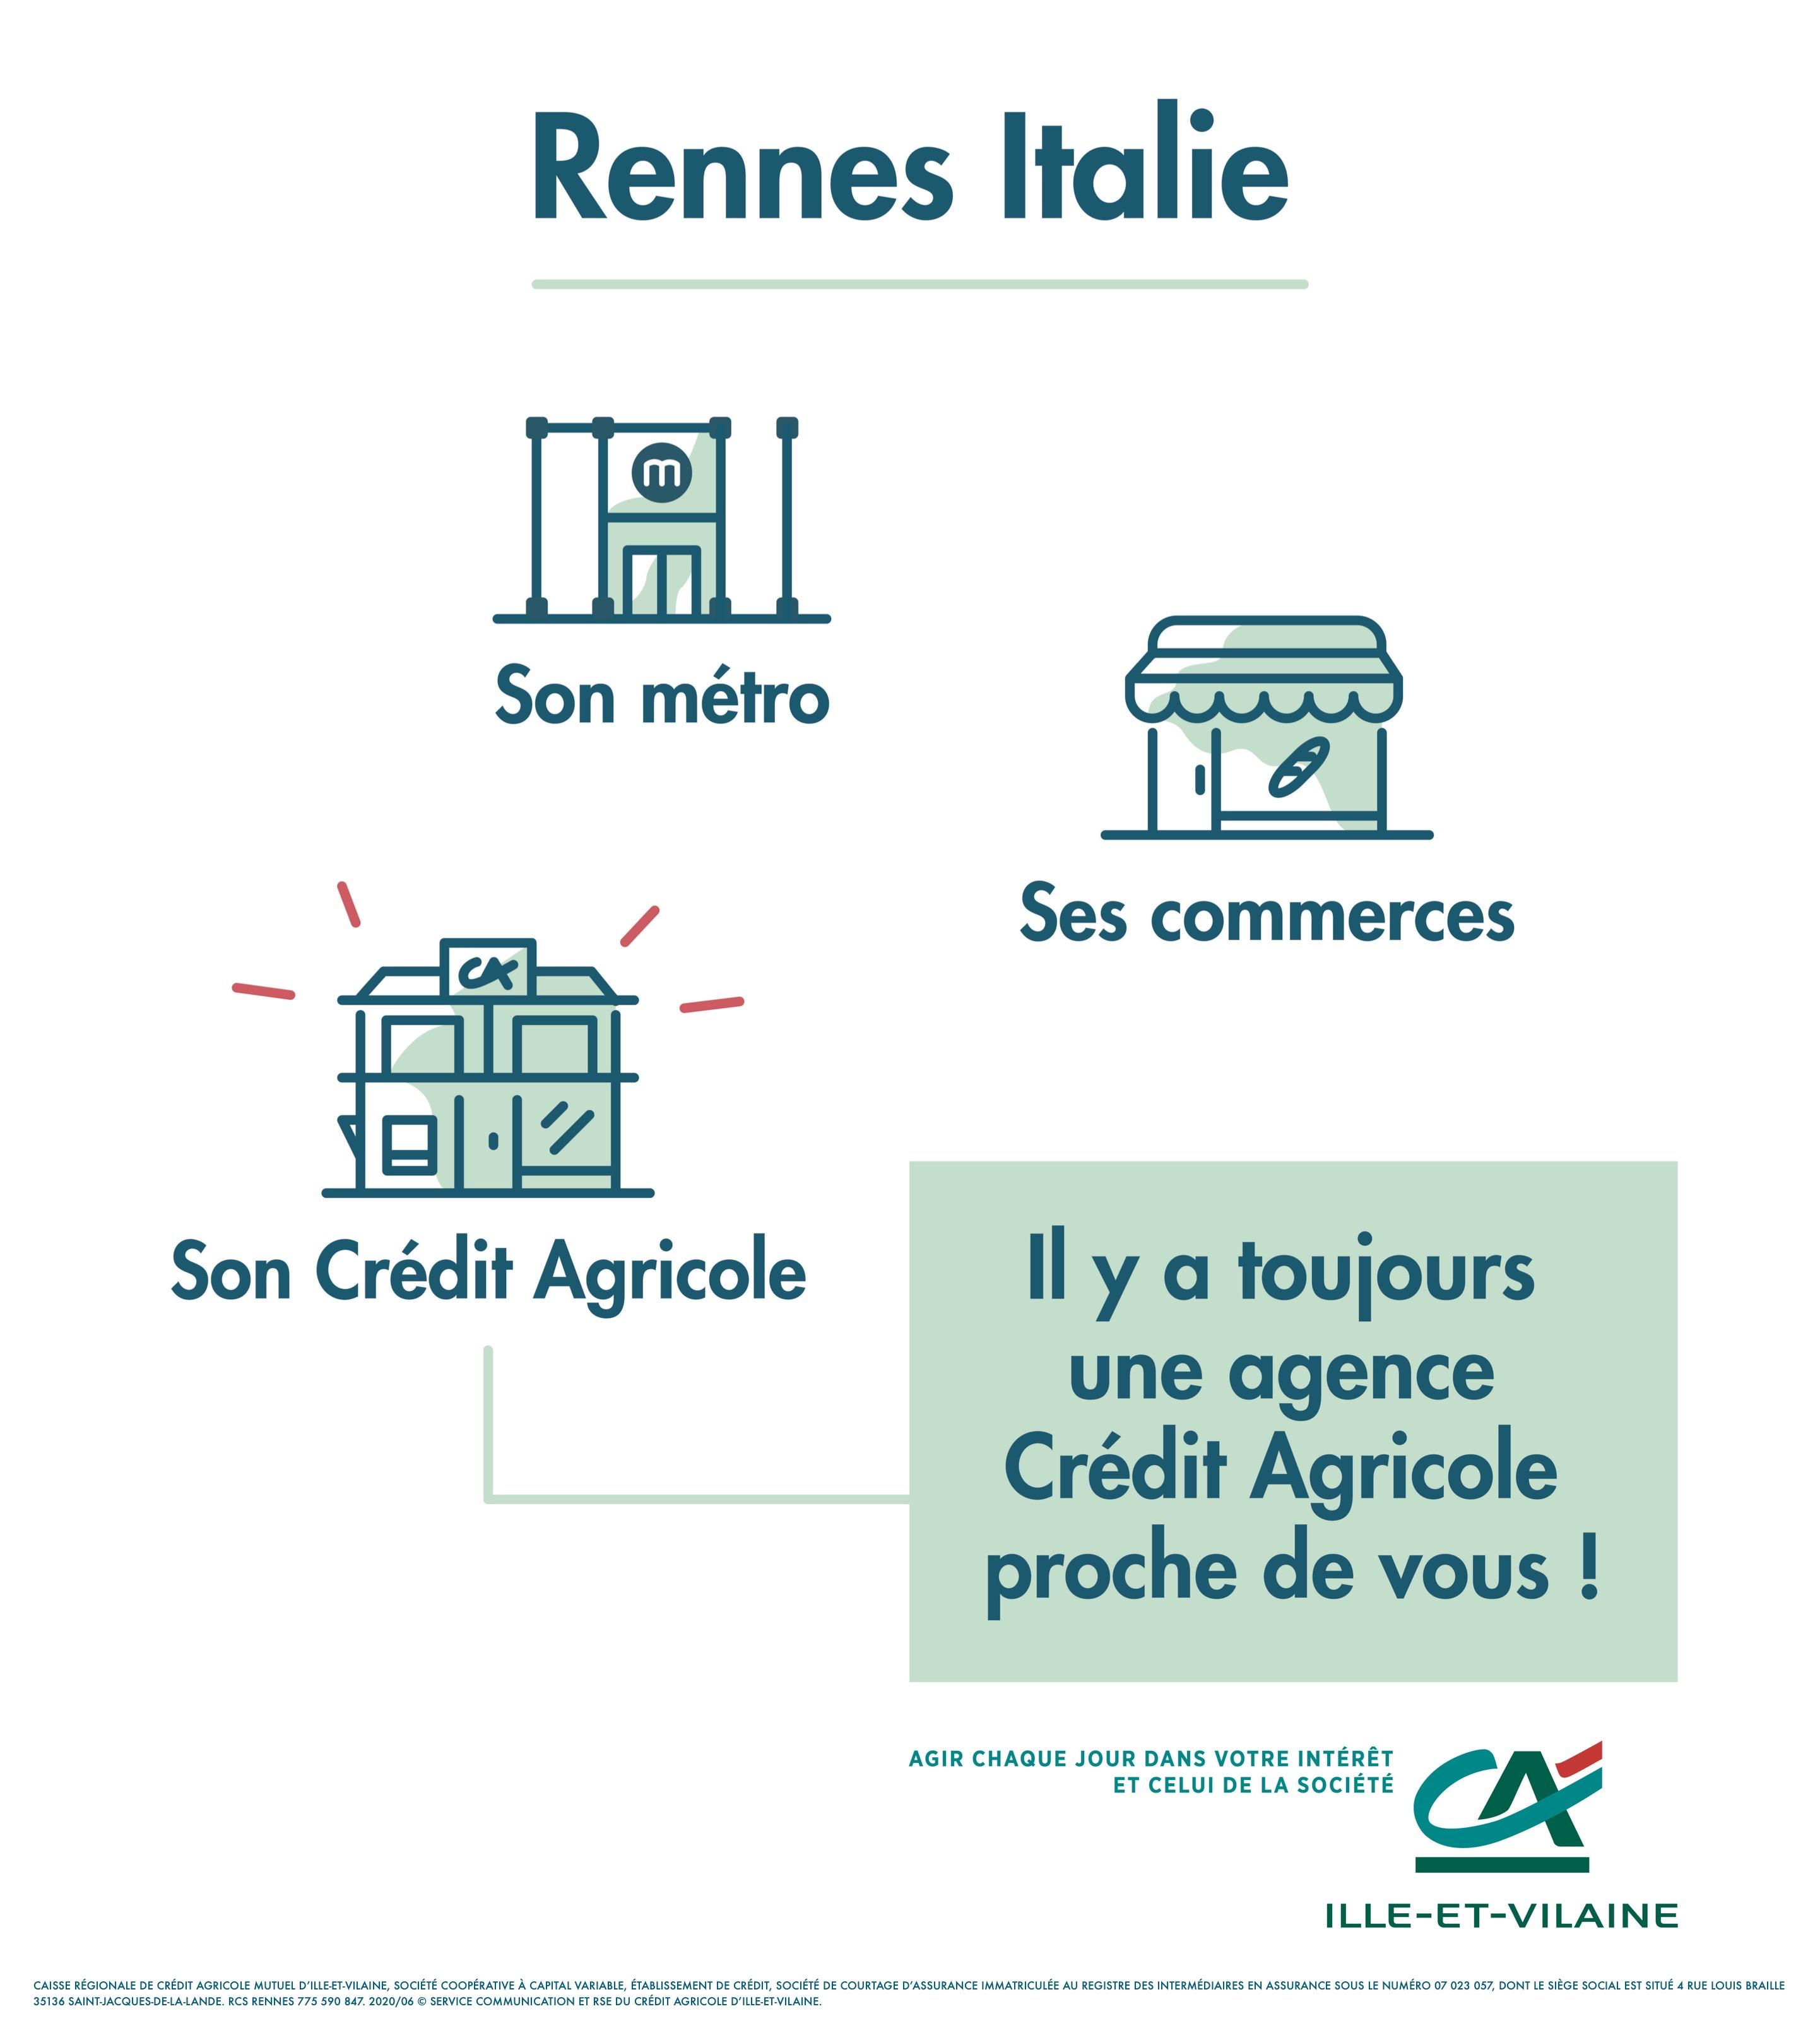 CRÉDIT AGRICOLE ILLE-ET-VILAINE – RENNES ITALIE